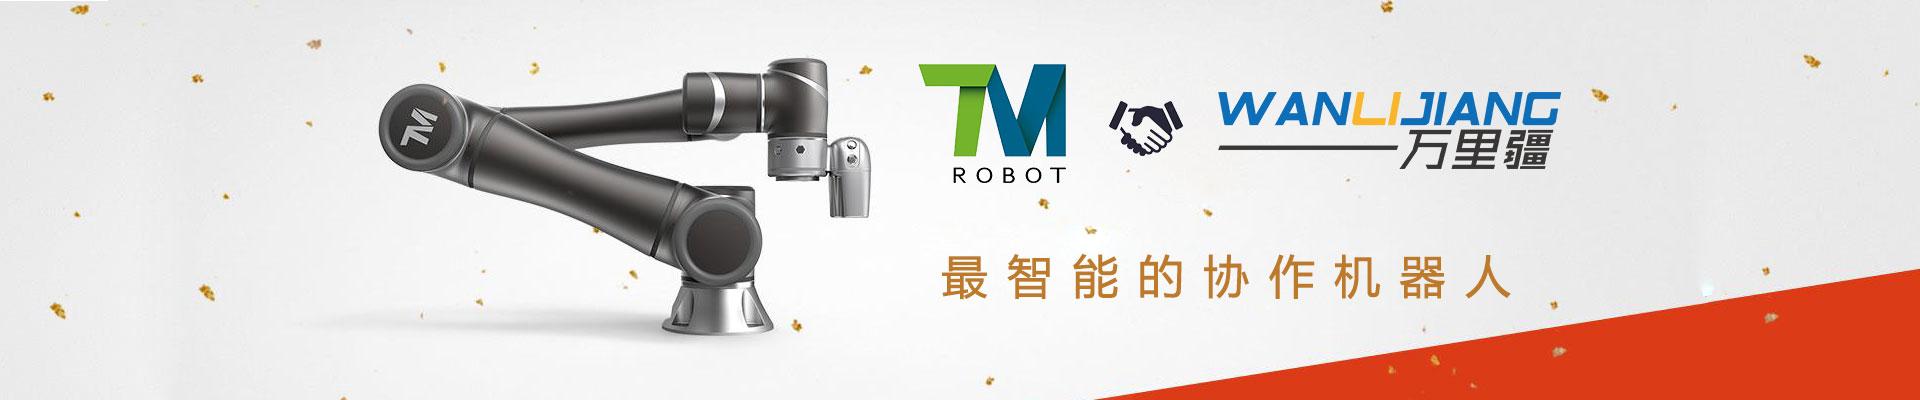 達明協作機器人